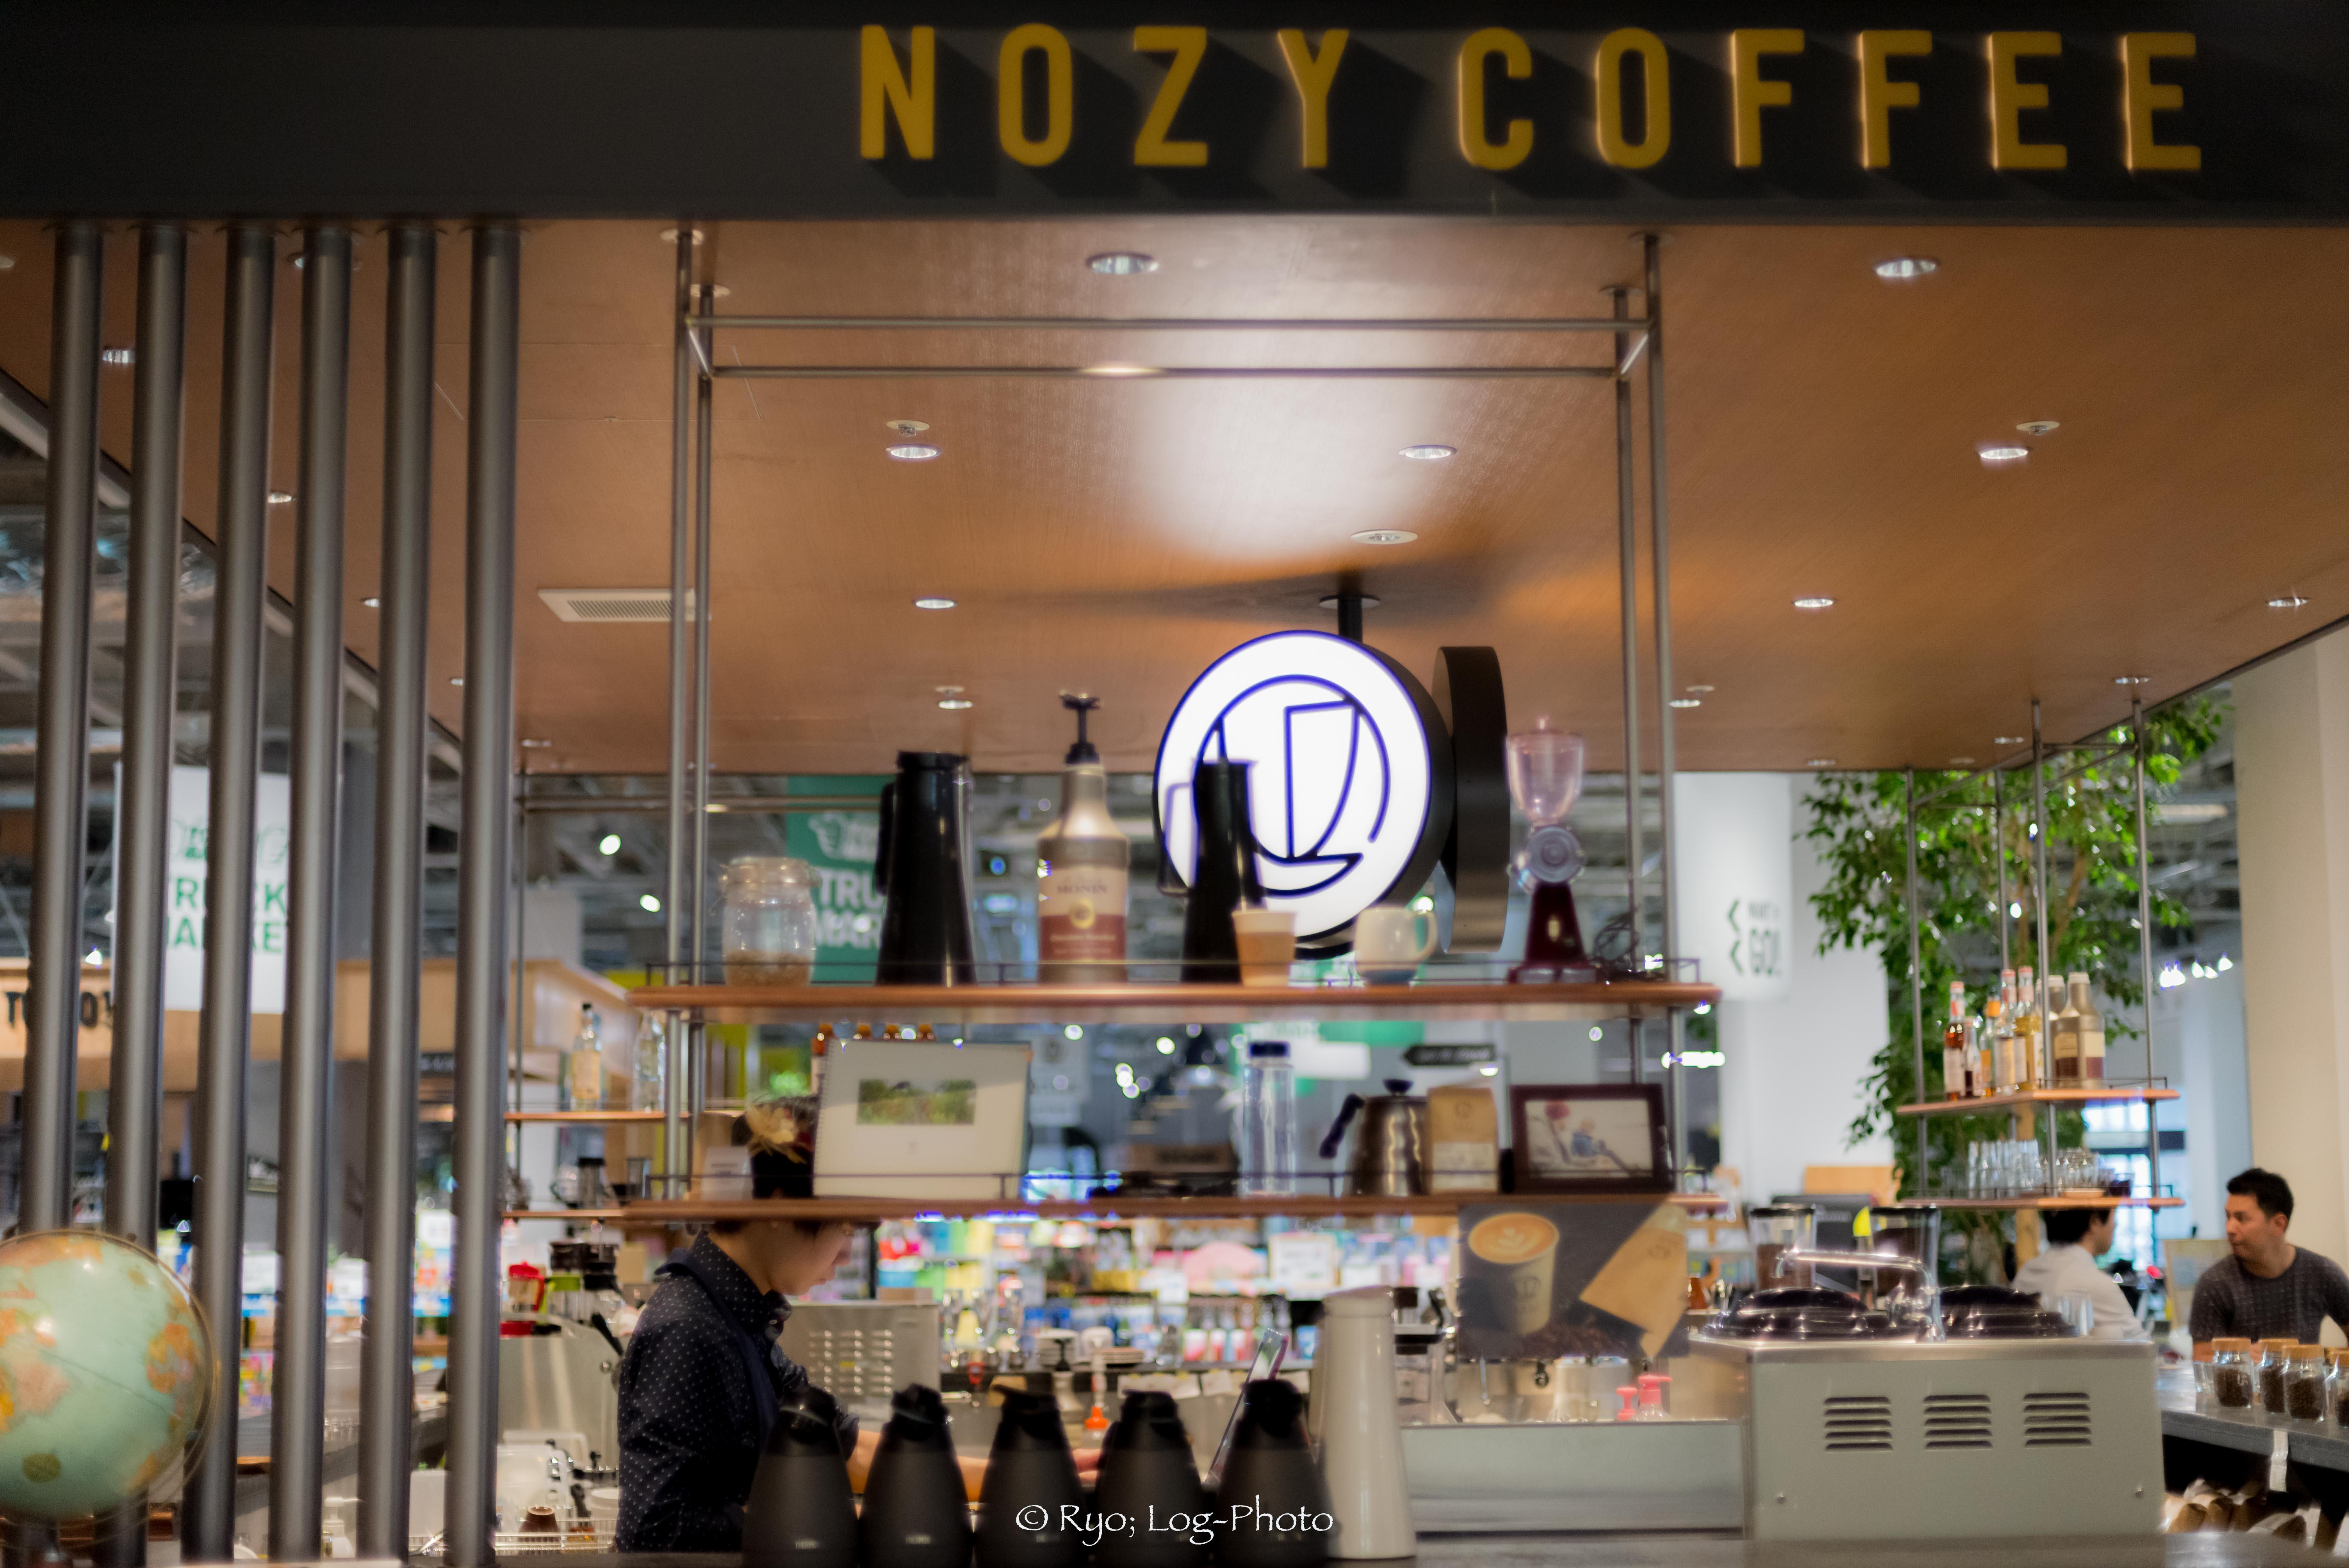 nozycoffee ノージーコーヒー 木更津 カウンター